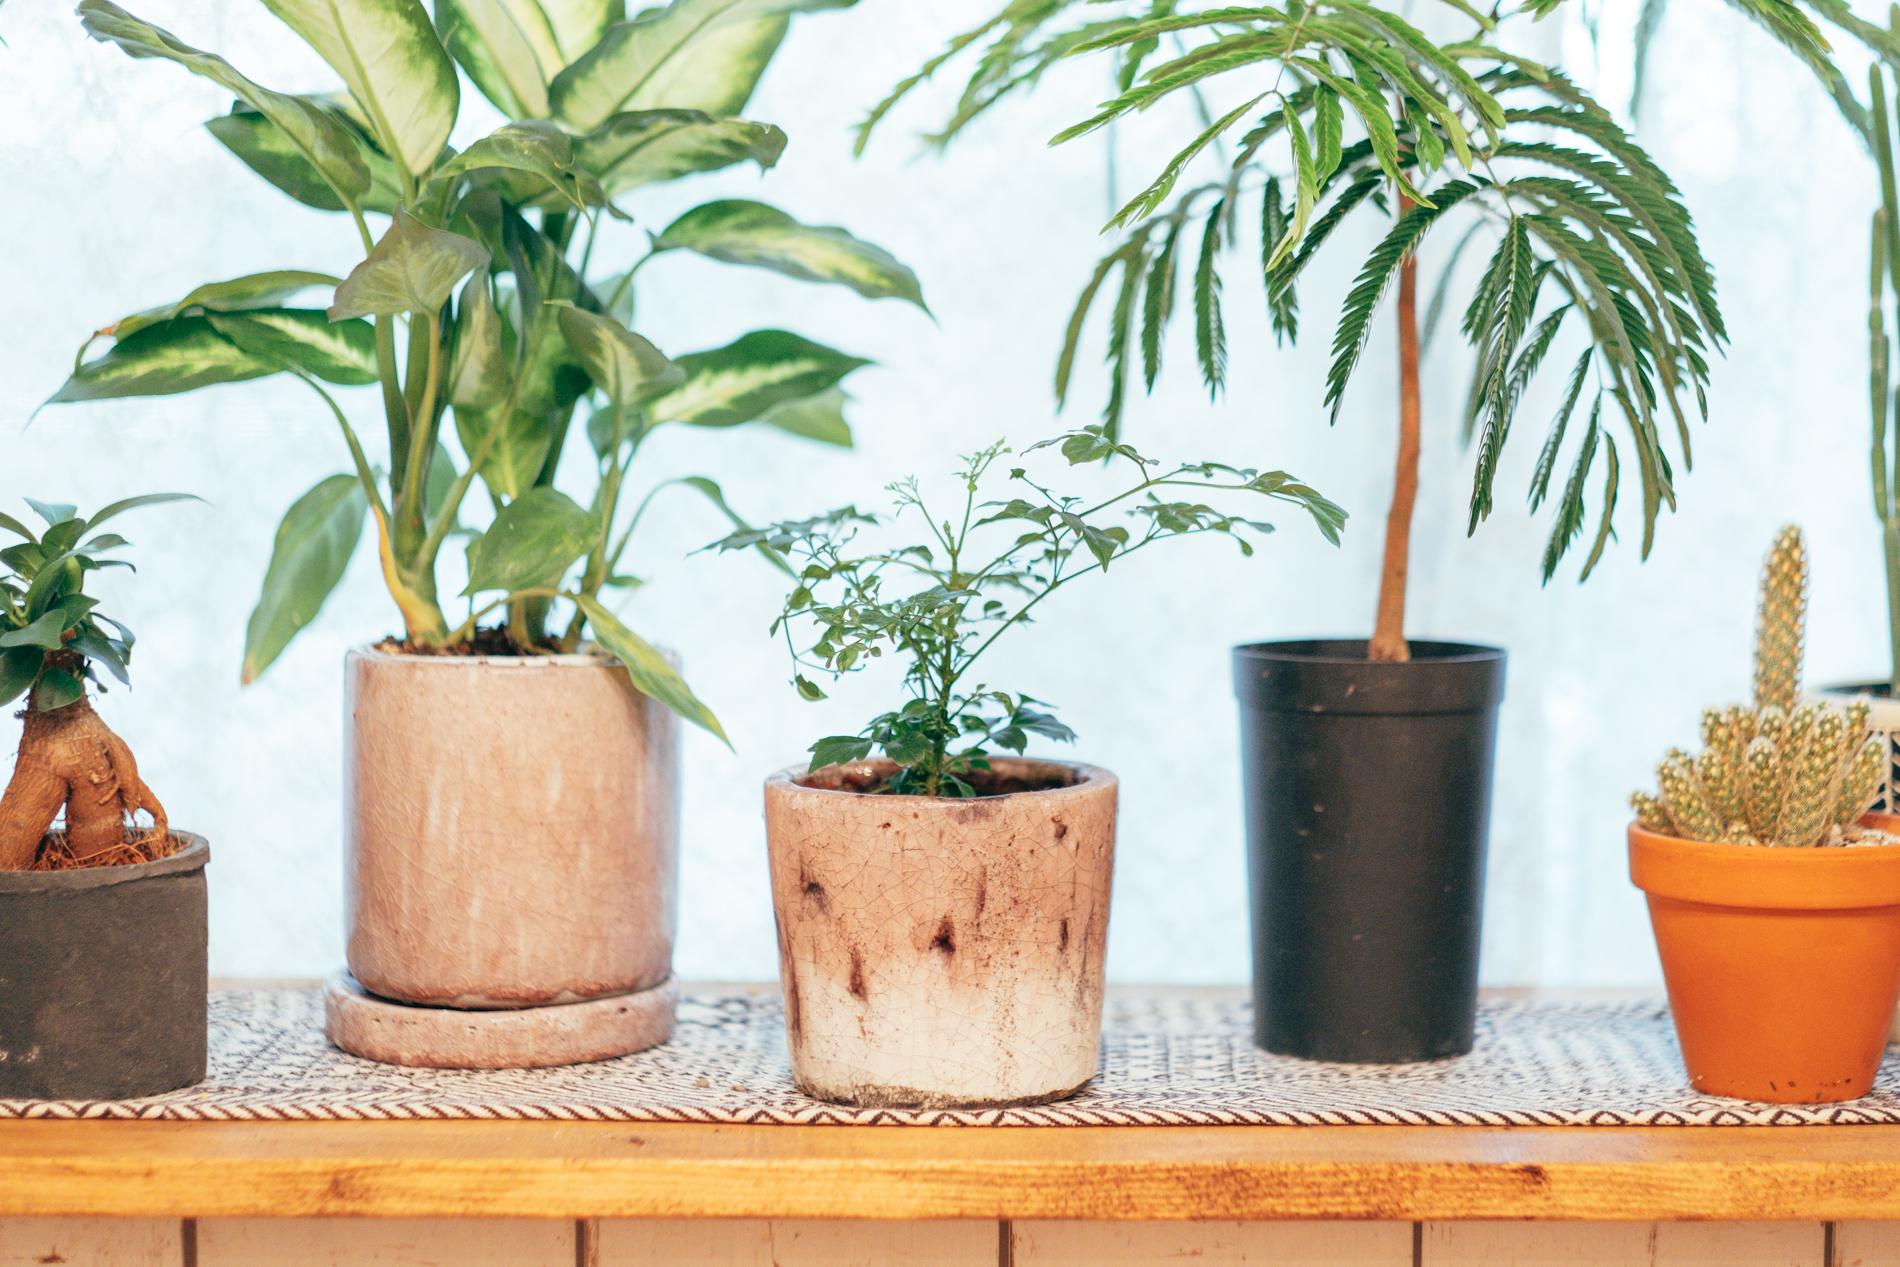 植物だけでなく、鉢植えも様々な種類がありました。今のお部屋のきっかけはこの鉢植えだったそう。 「実は鉢植えの方に先にハマって、好きで集めていたんですが植物がなくて悲しくなってしまって、最近になって一気に増やしてきました。」